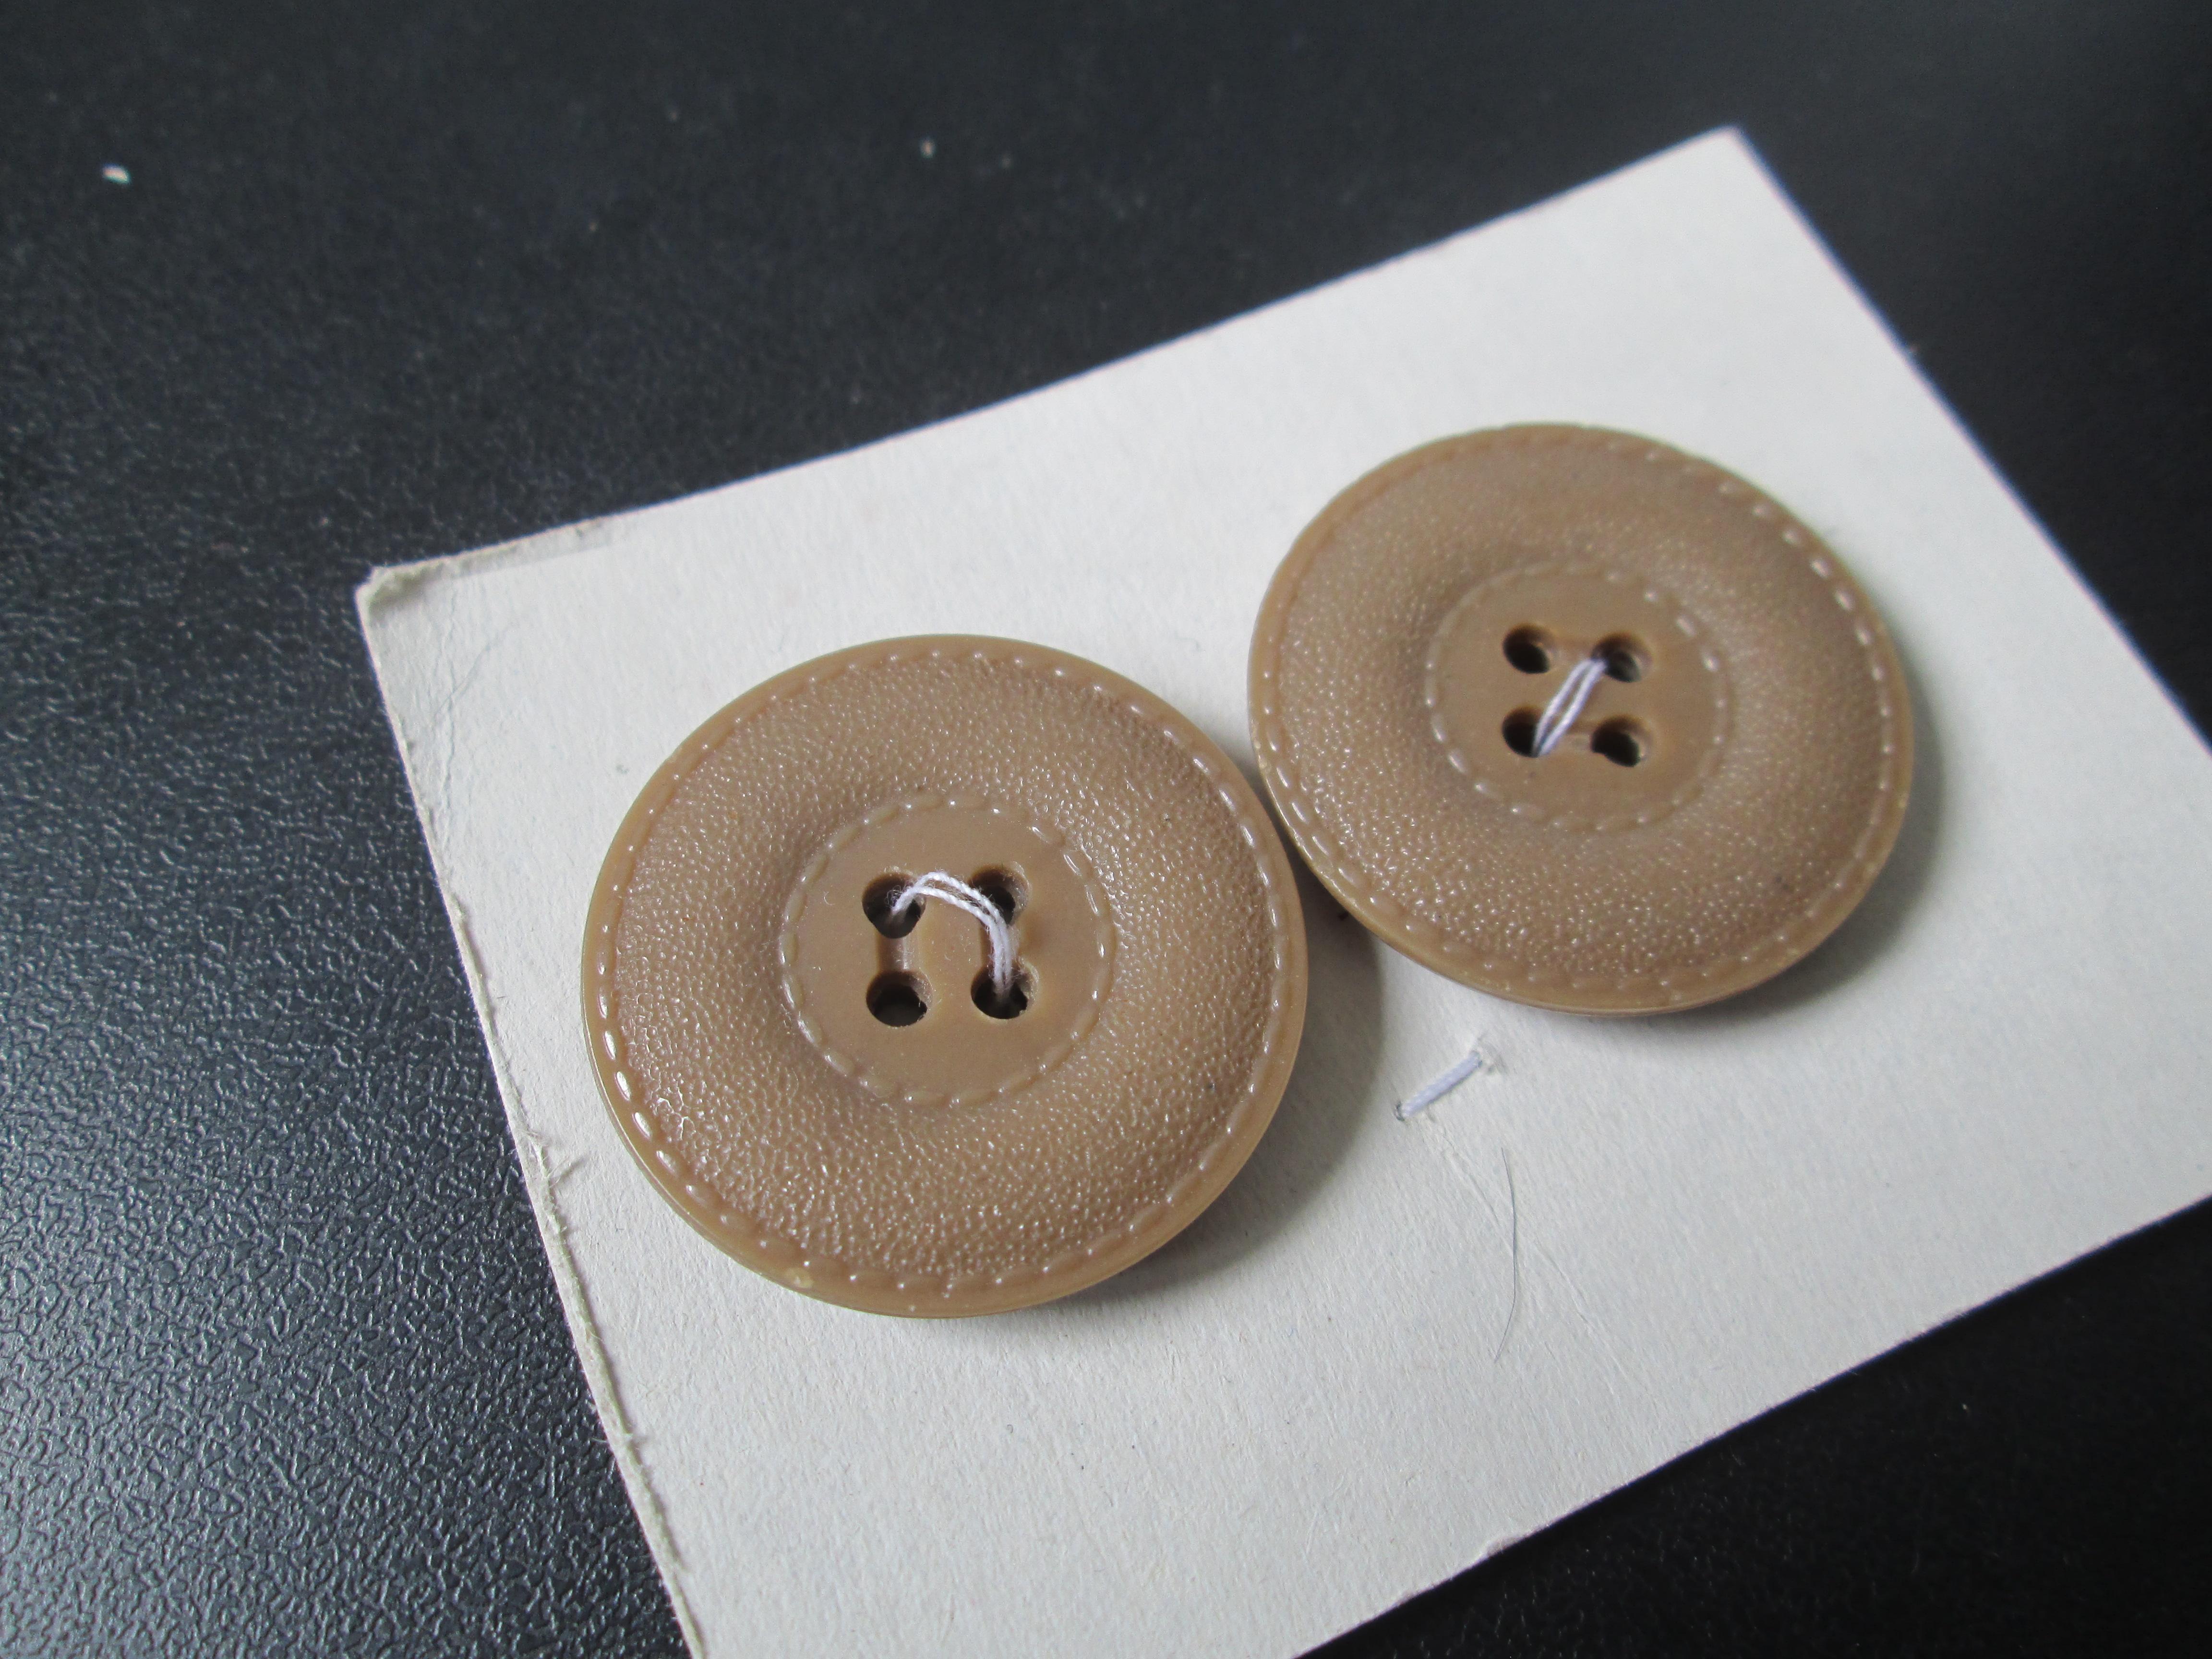 troc de troc reserve    2 beau boutons neuf 3 cm       4 noisettes image 0